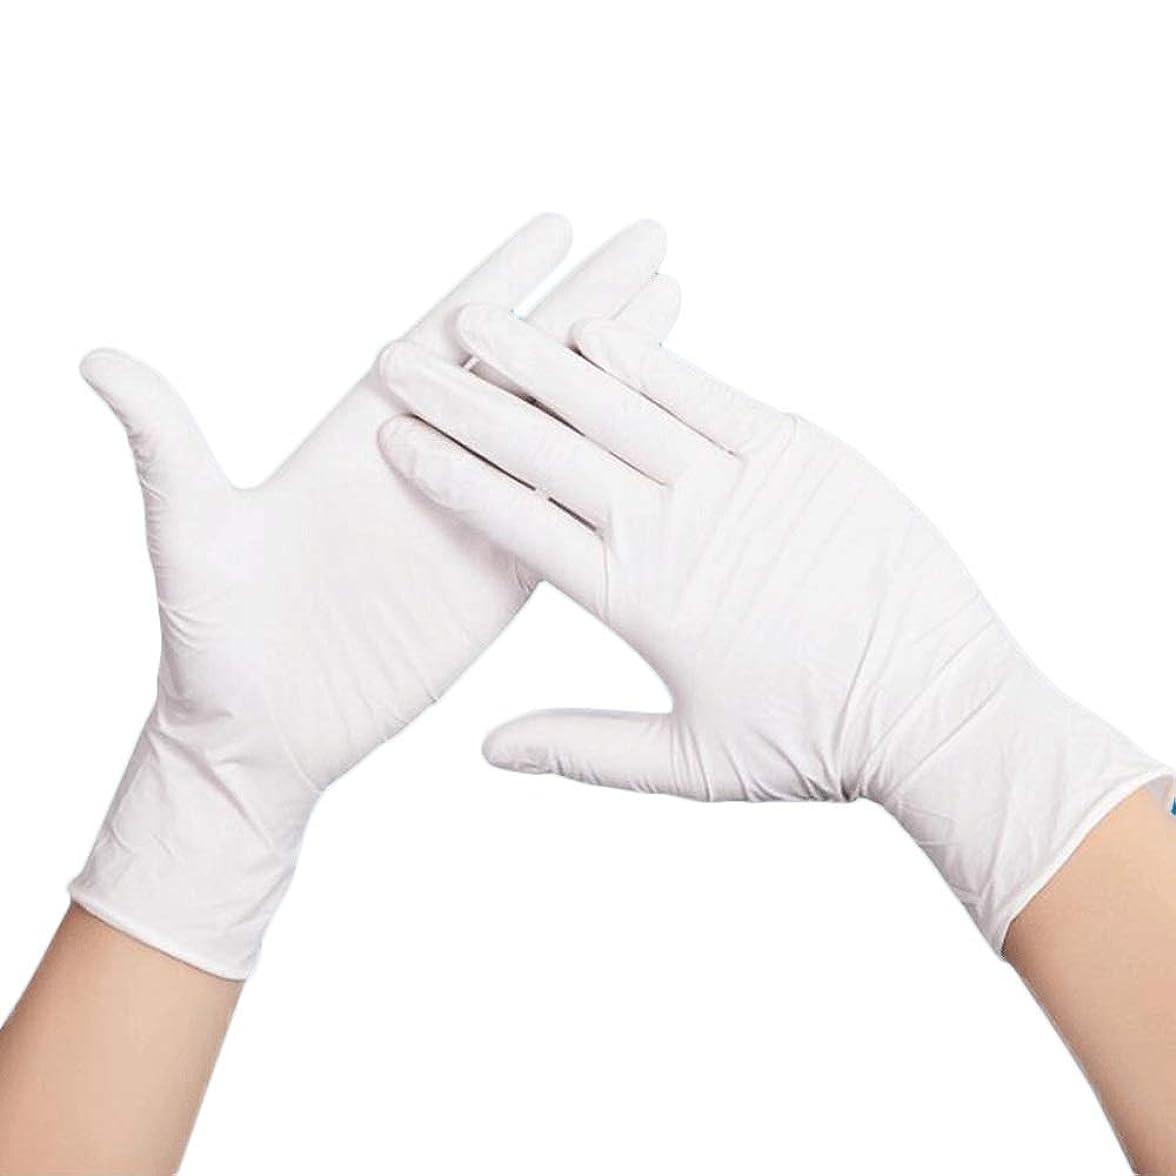 パンフレットパイント社会科乳白色の11インチの使い捨て可能な粉体検査ゴムラテックス手袋 - 着用が簡単で快適なフィット YANW (色 : A, サイズ さいず : M m)